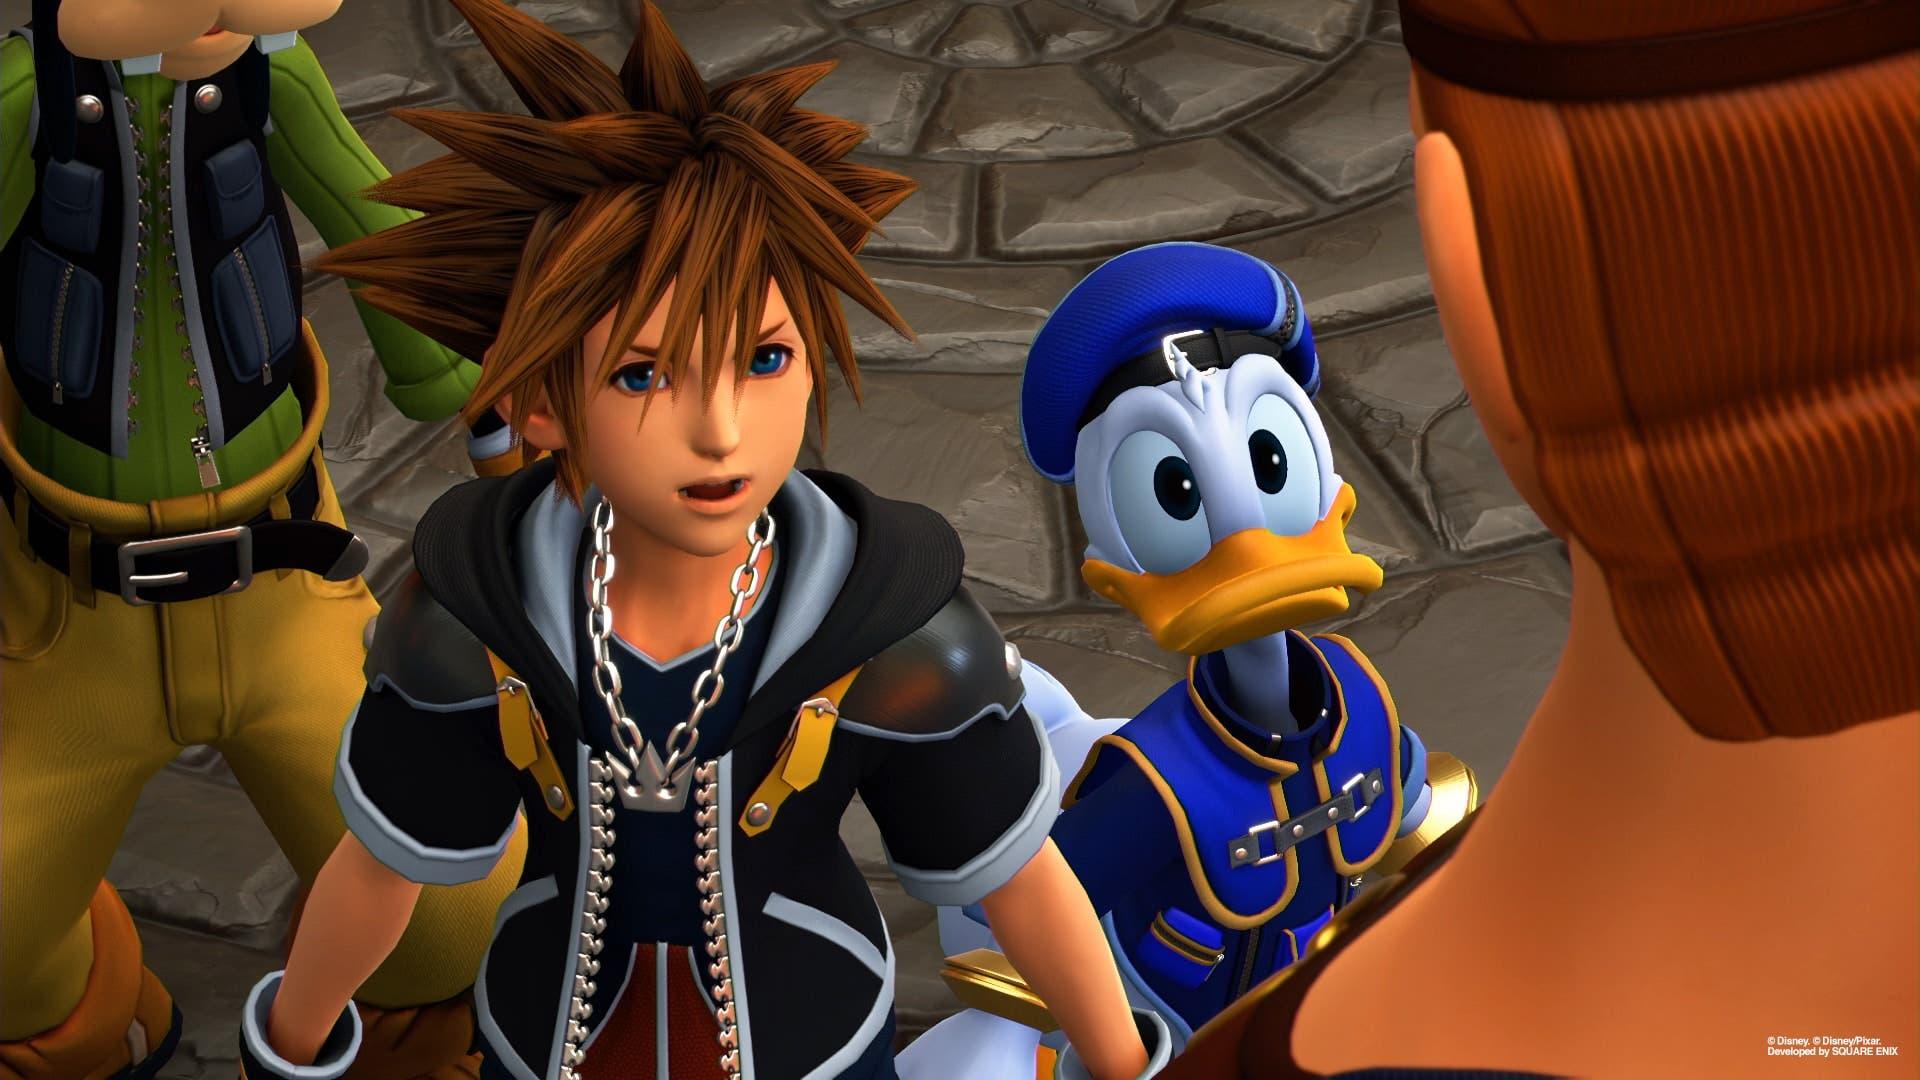 Imagen de ¿Kingdom Hearts IV? Square Enix confirma el desarrollo de un nuevo título de la saga